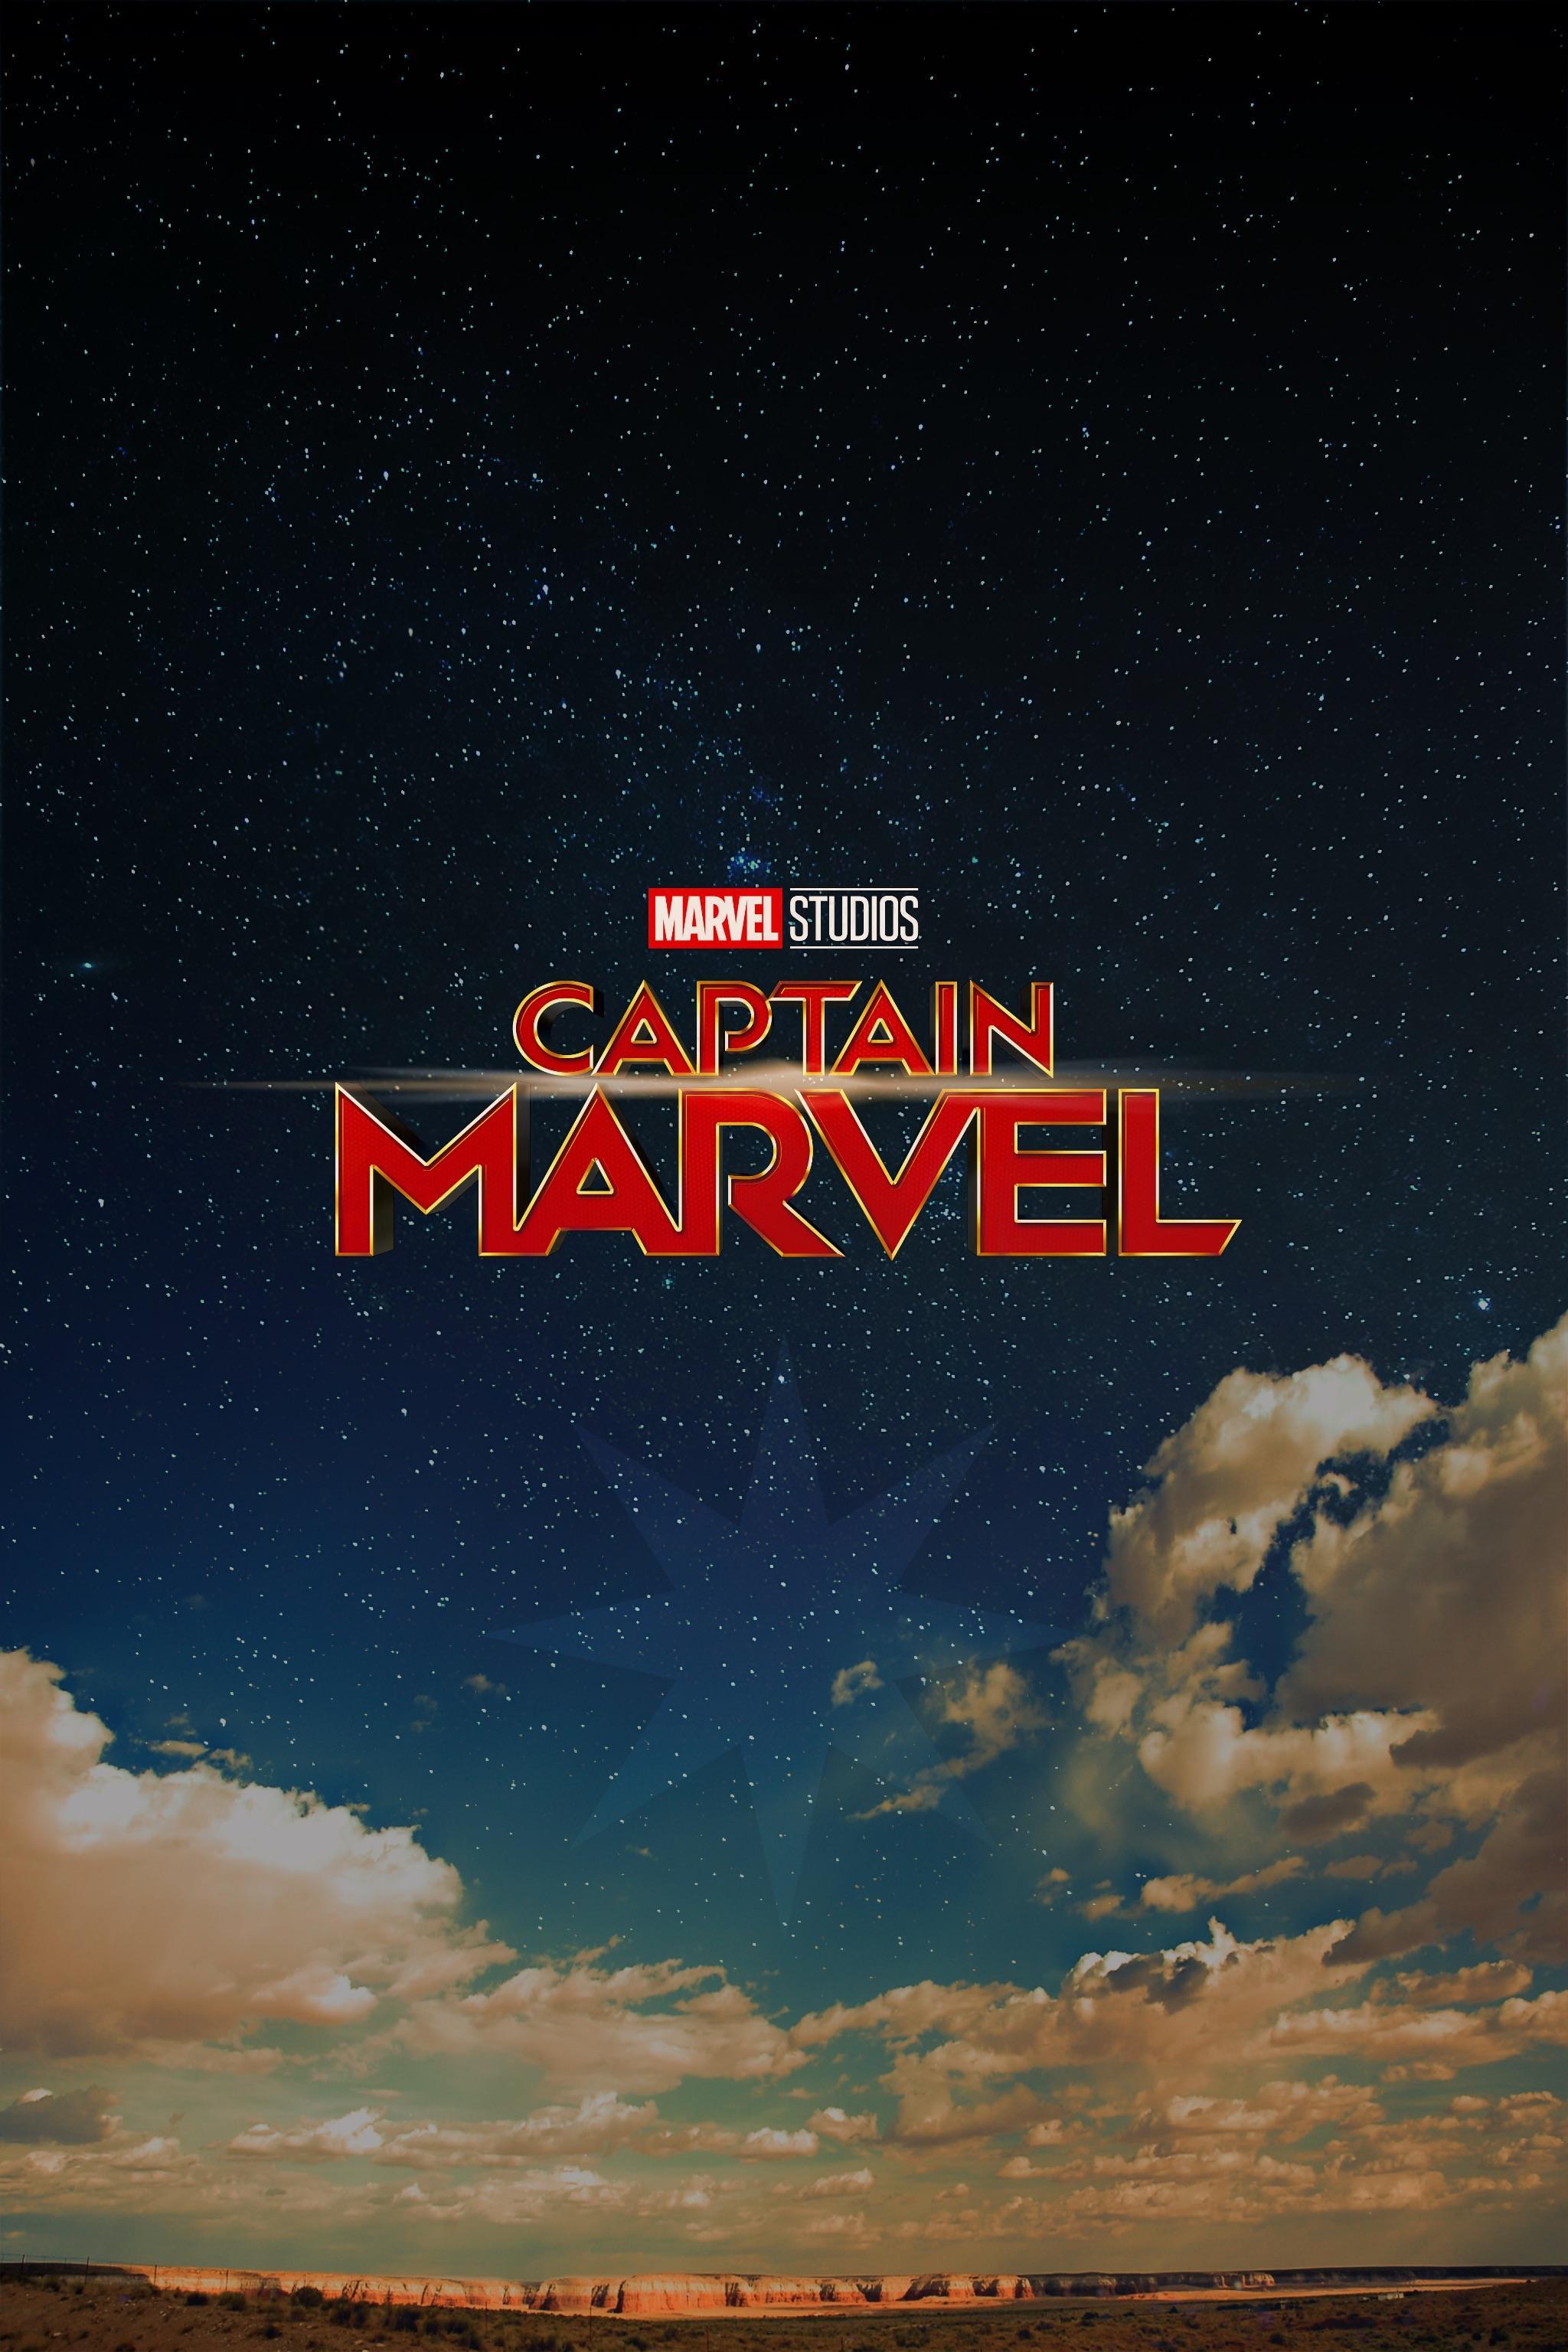 Fan Contentcaptain Marvel Wallpaper Based On The New - Captain Marvel Wallpaper Hd , HD Wallpaper & Backgrounds